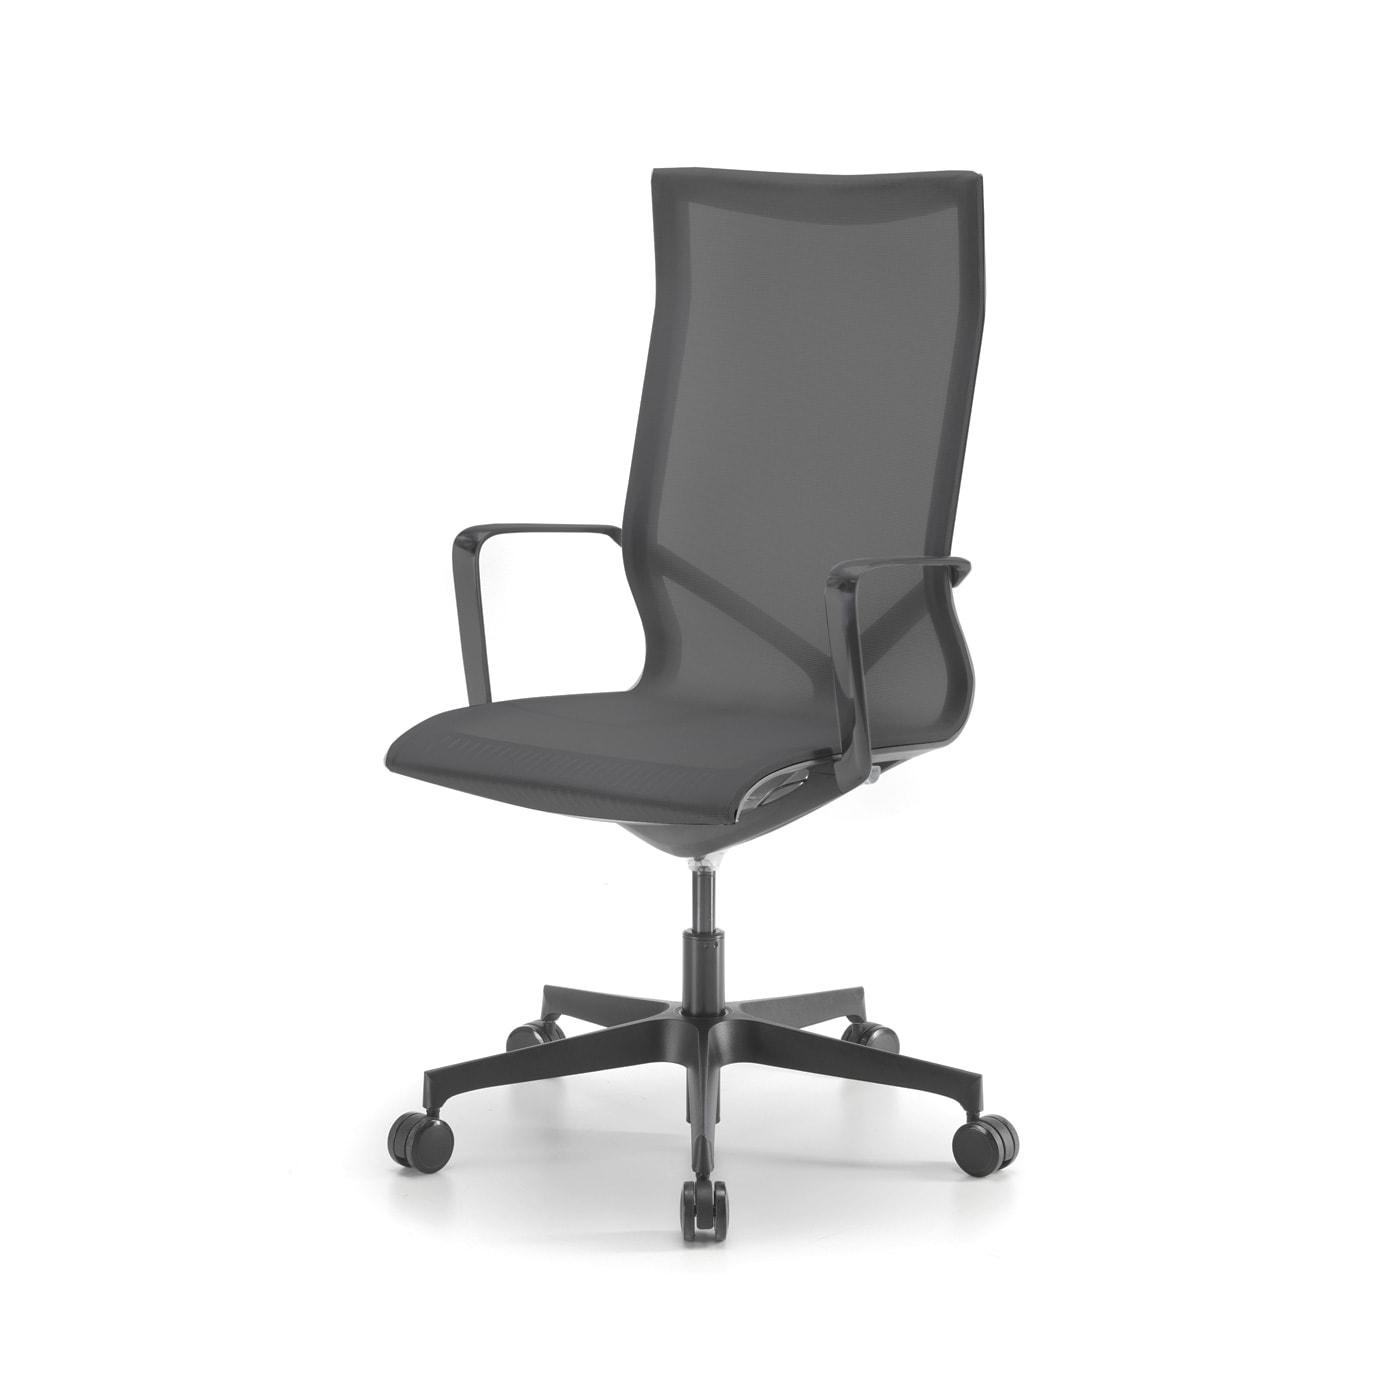 Della Chiara New chair seduta alta